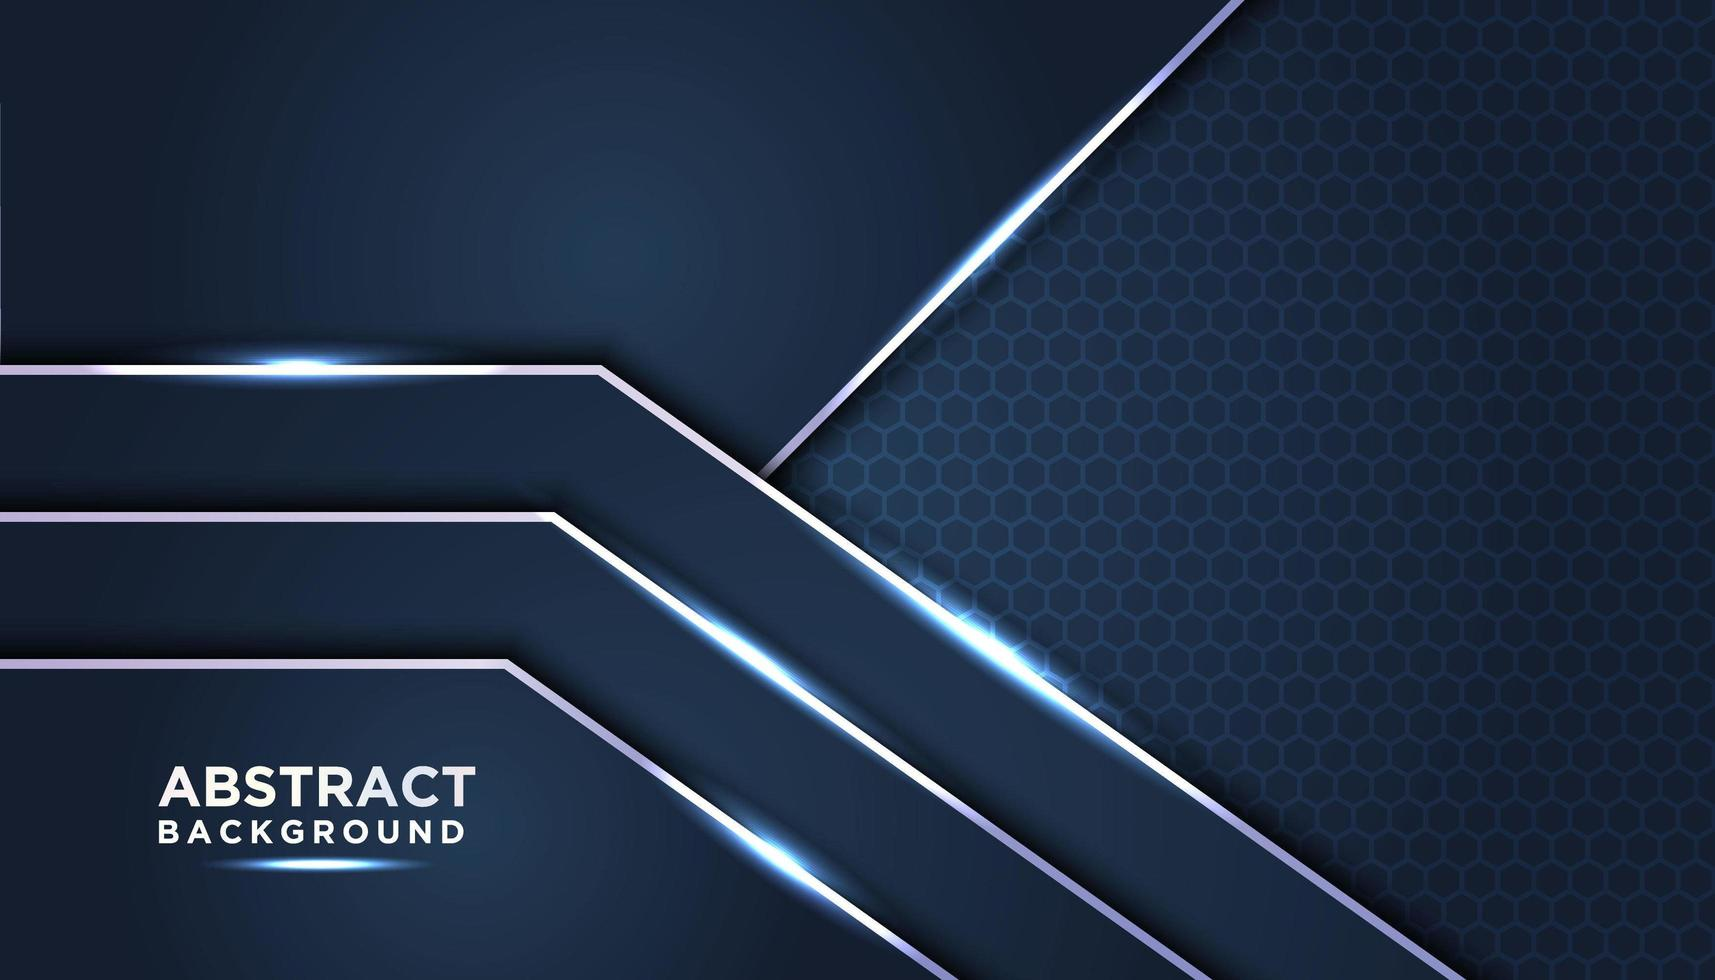 capas de color azul oscuro con acentos de luz azul brillante vector